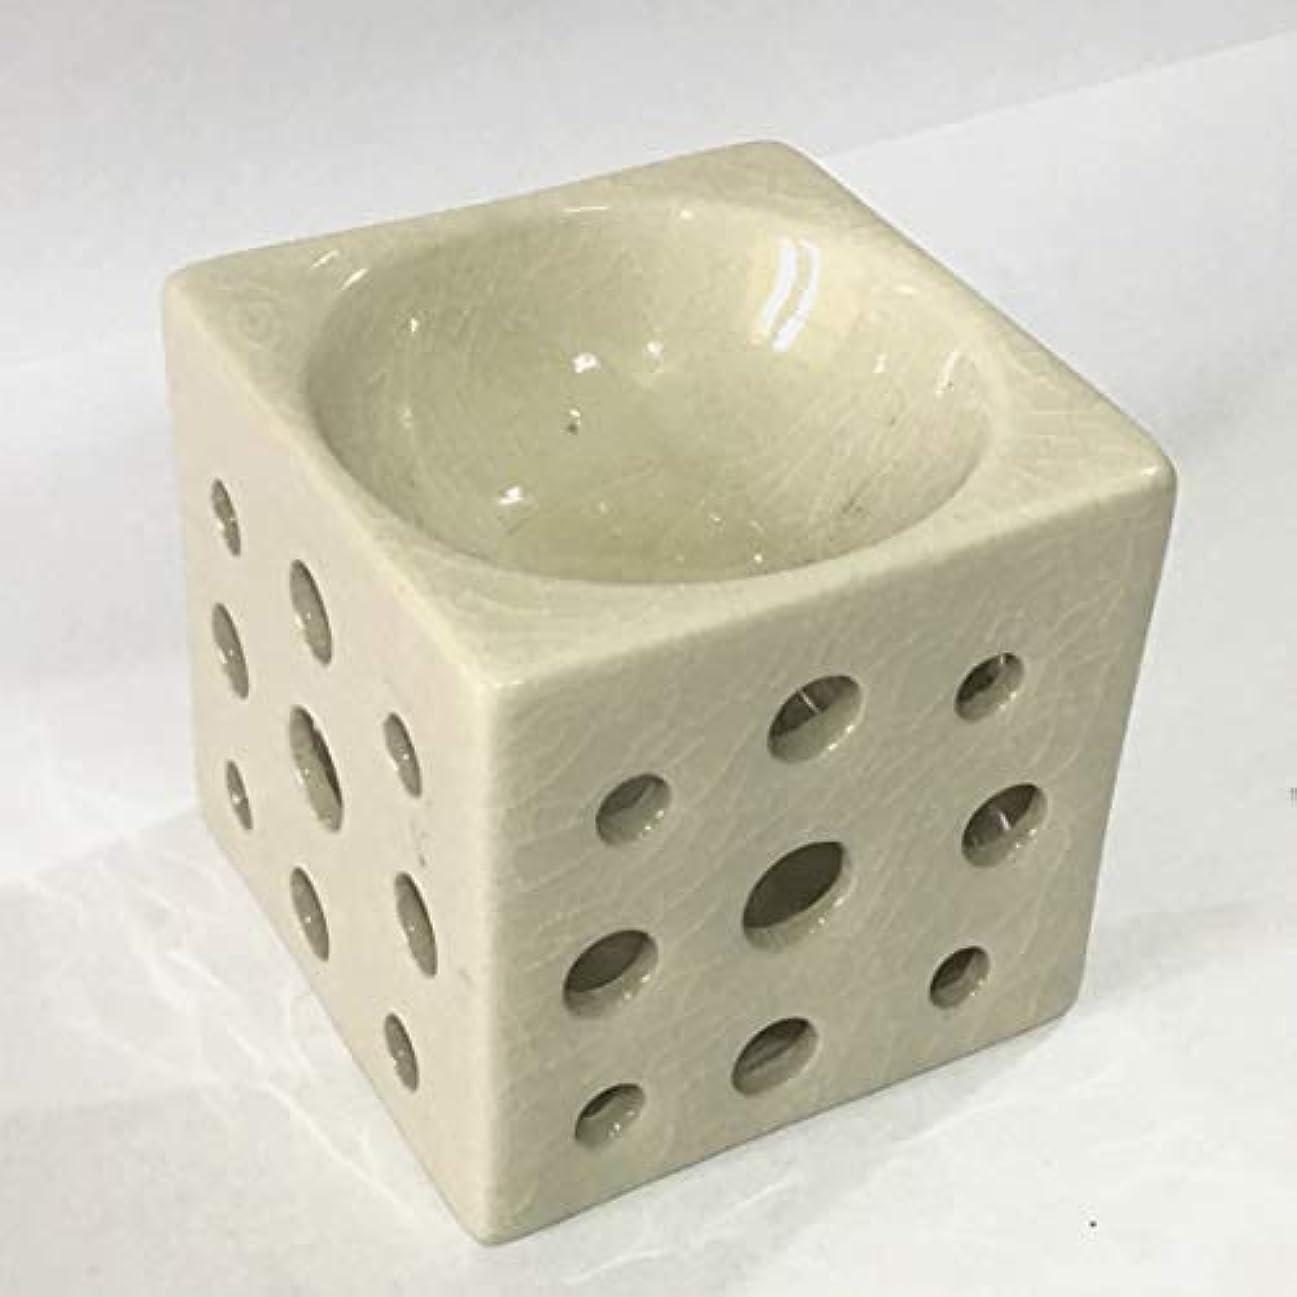 胃制限提唱するアロマポット (白) 角型 チェンマイ産 香炉 陶器 アロマ炉 タイ